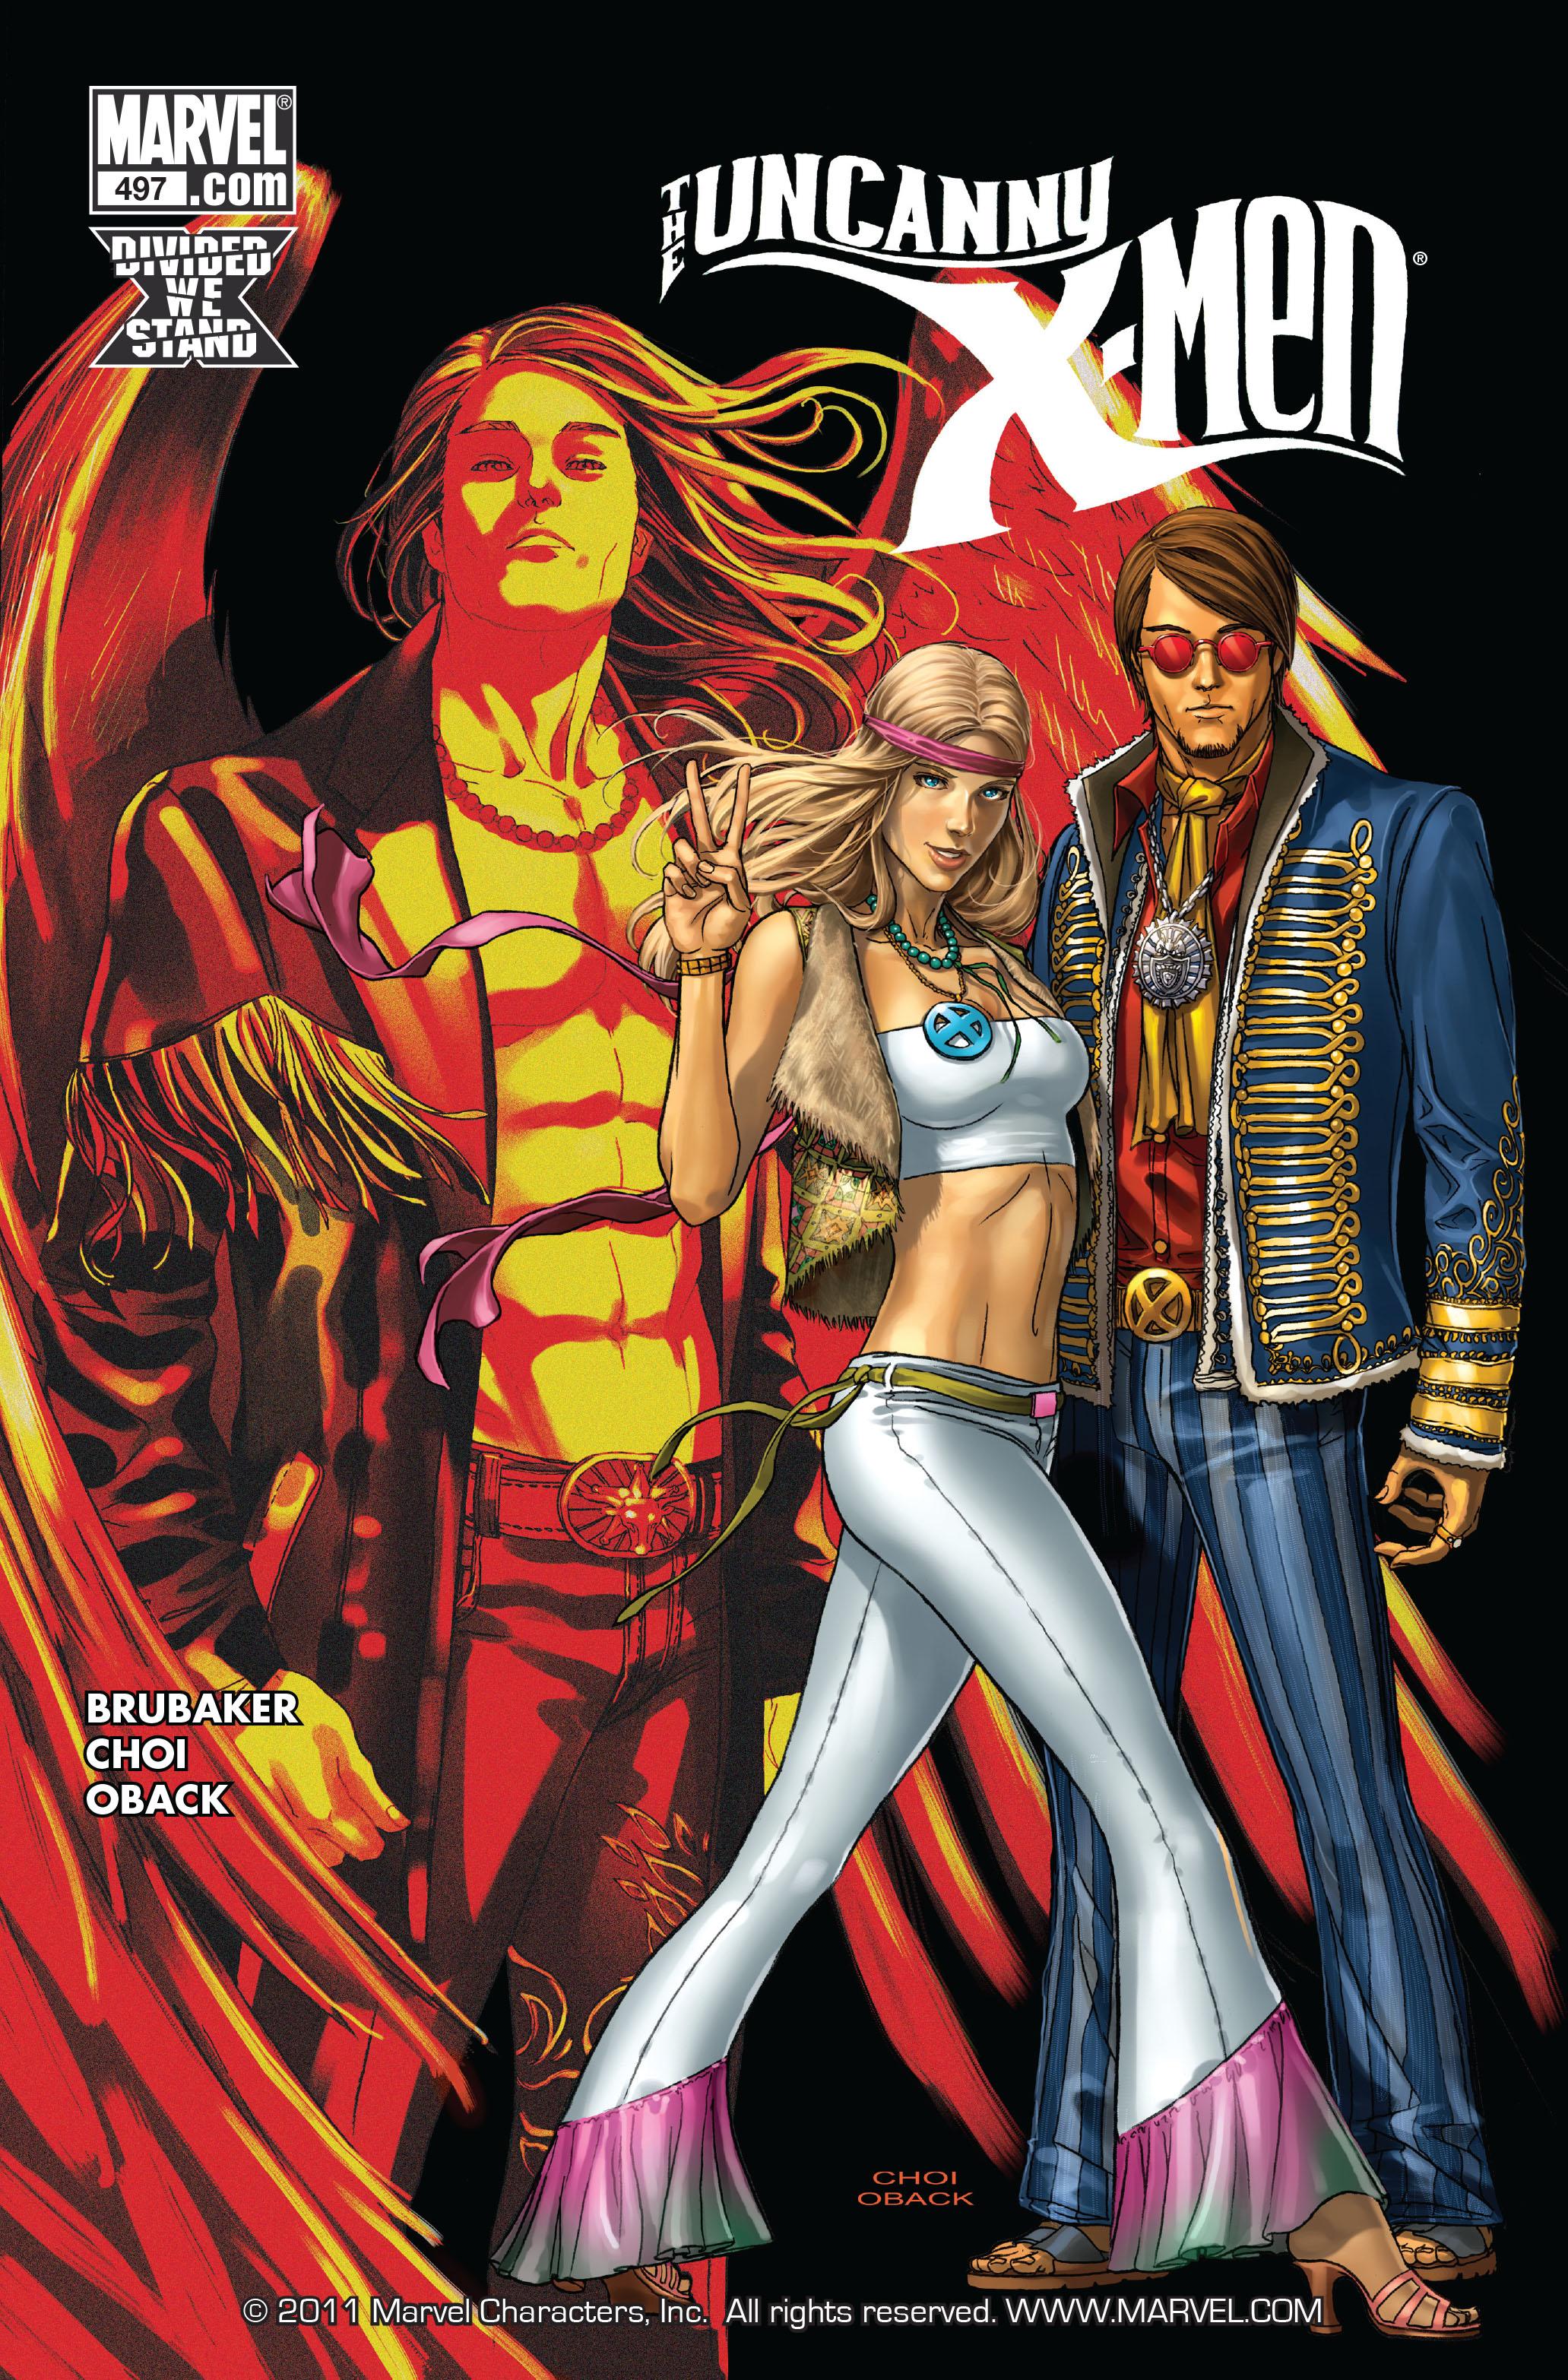 Read online Uncanny X-Men (1963) comic -  Issue #497 - 1